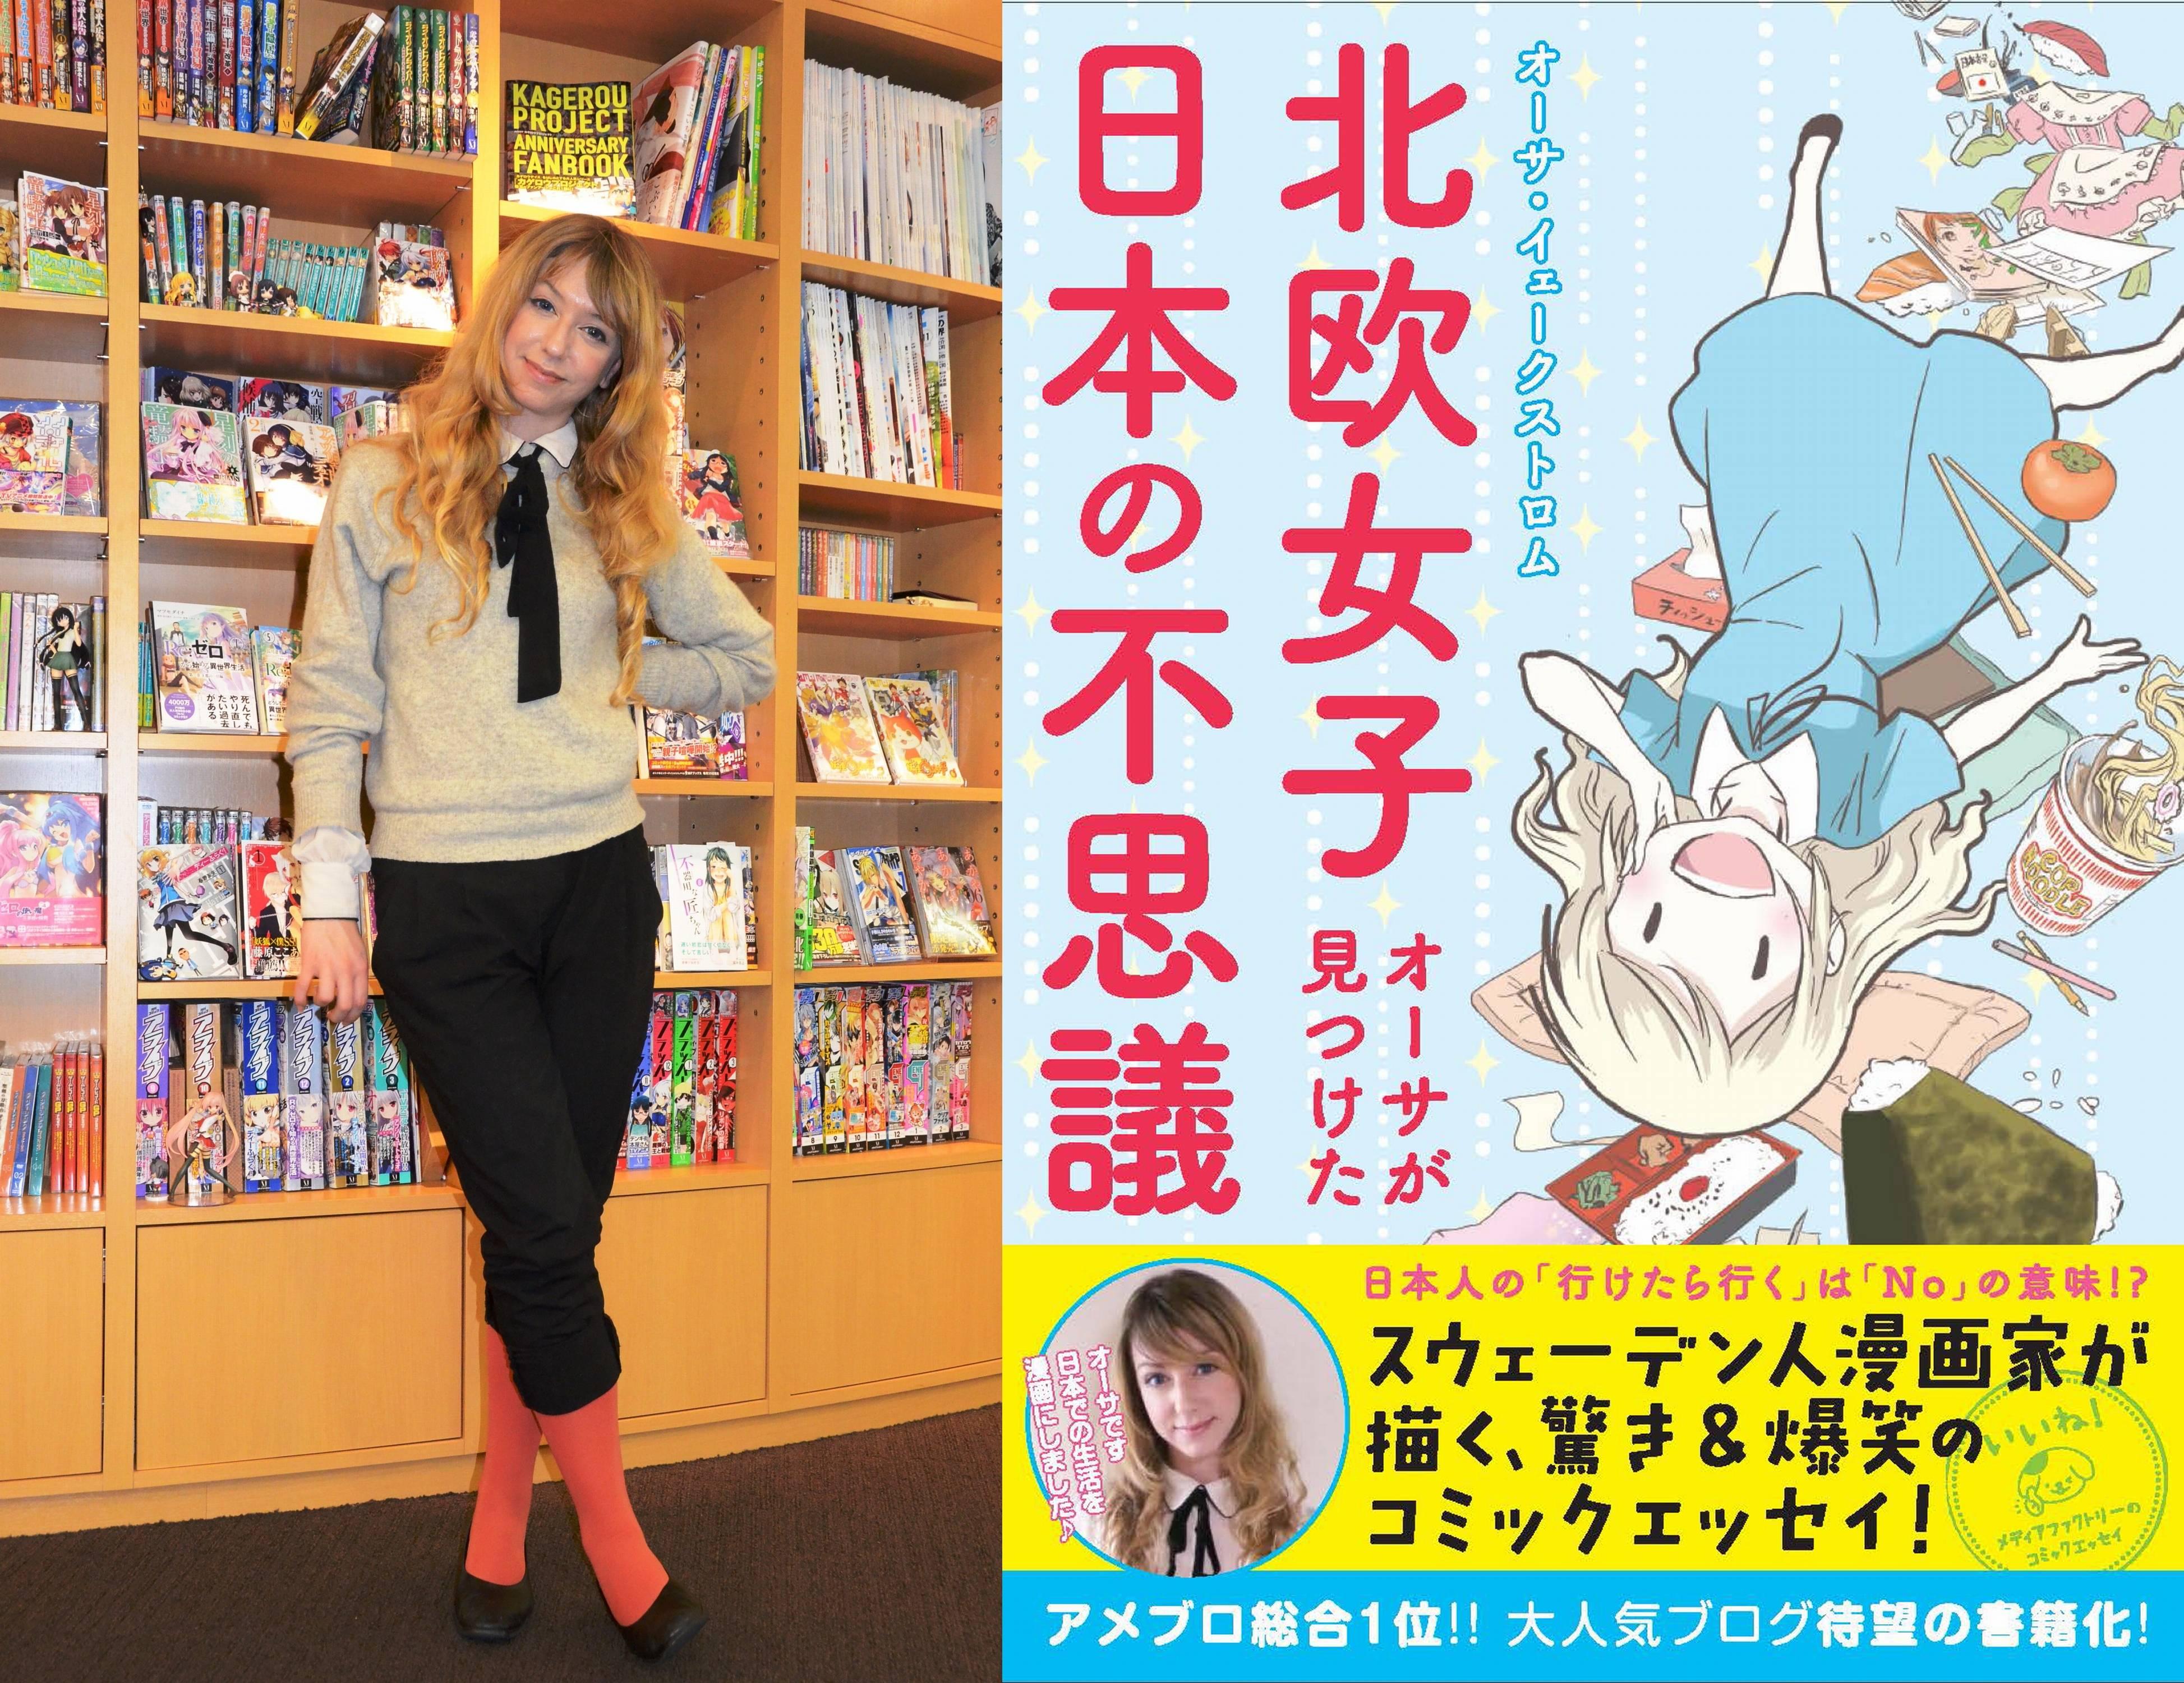 コミックエッセイ:北欧女子オーサが見つけた日本の不思議